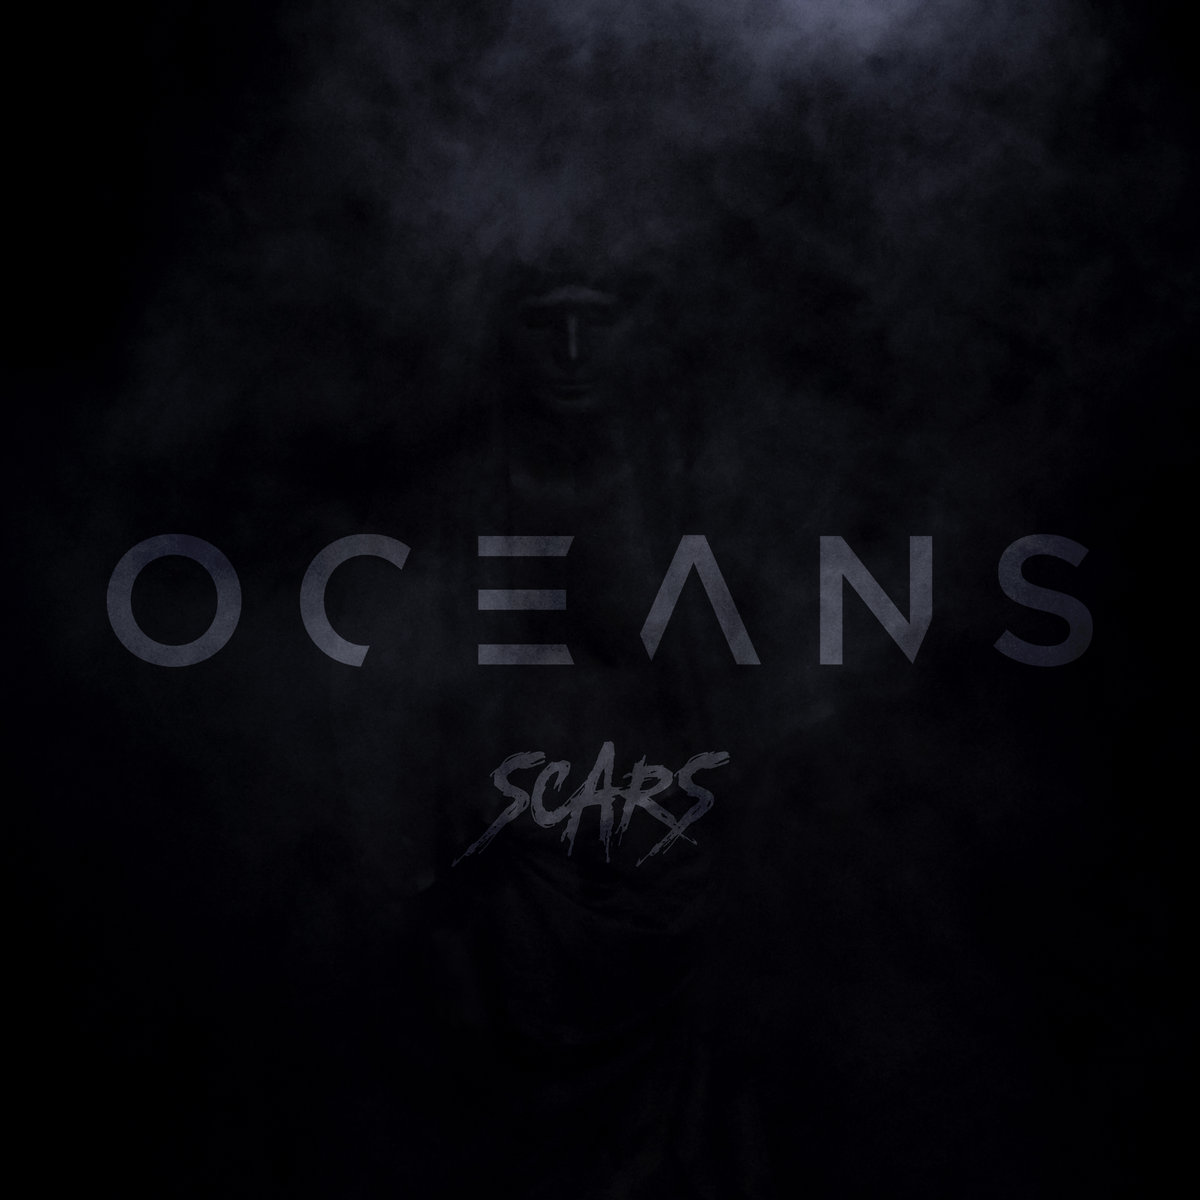 Oceans - Scars